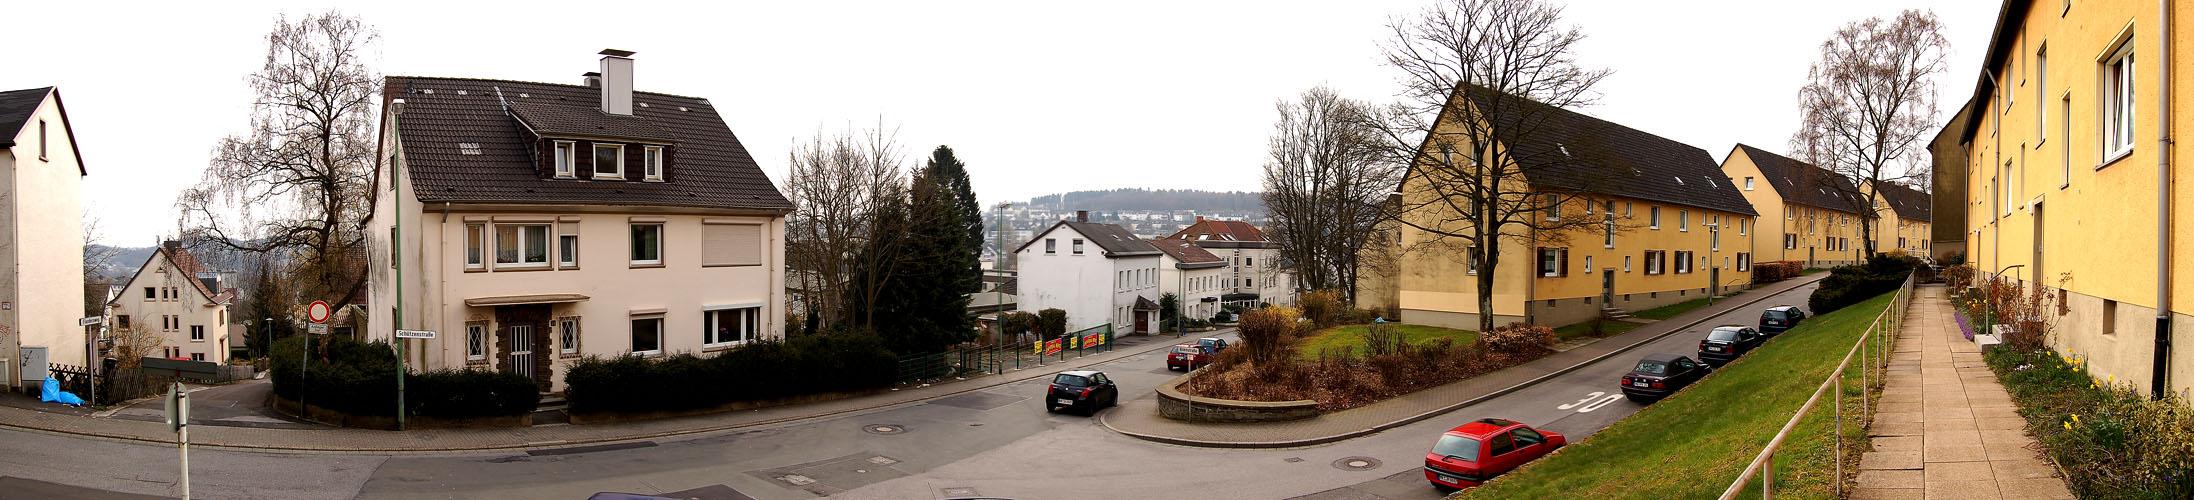 Lüdenscheid - Alsenstraße